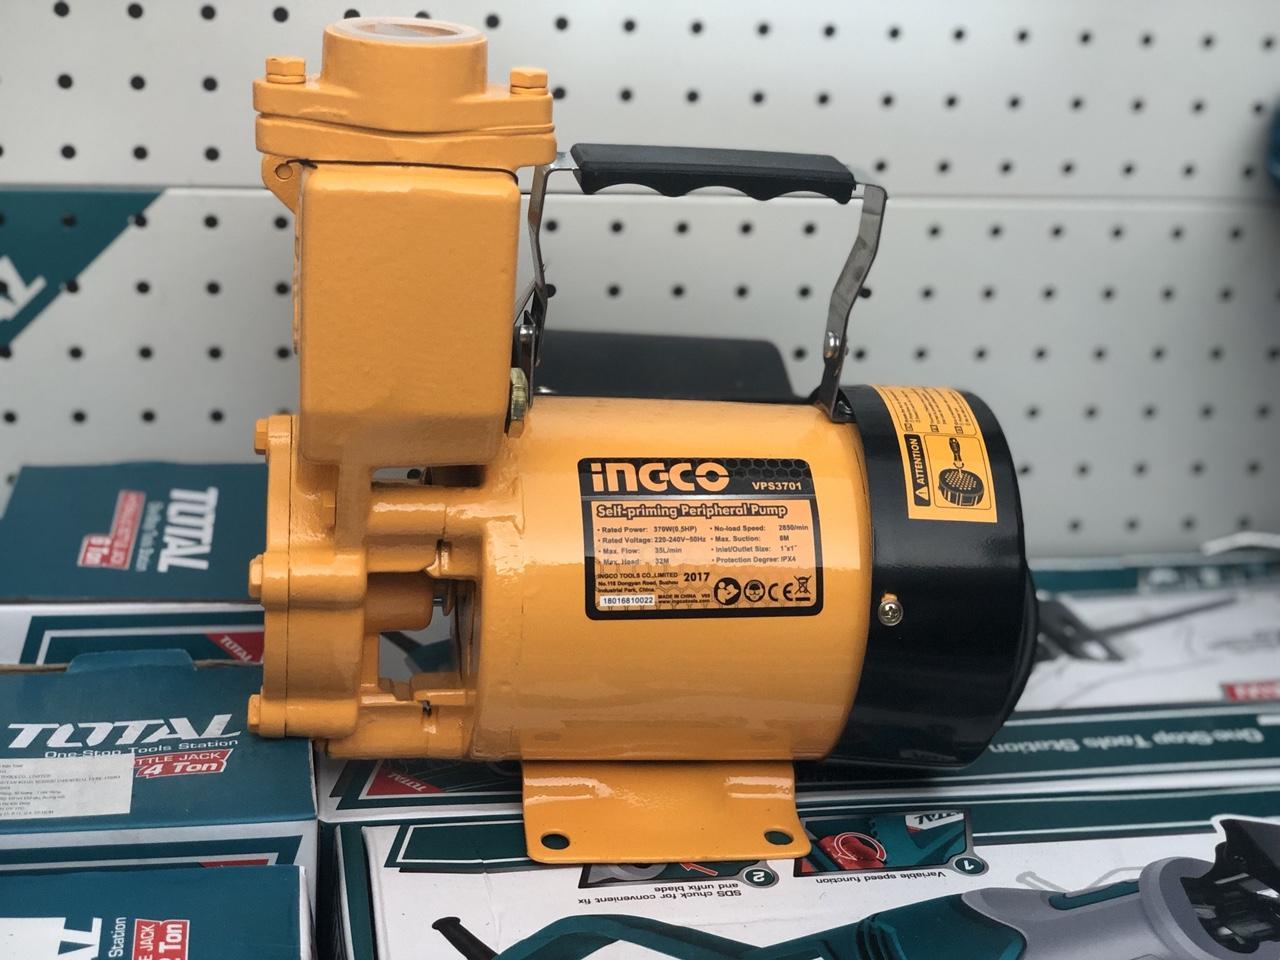 370W 0.5HP Máy bơm nước motor dây đồng hiệu Ingco VPS3701